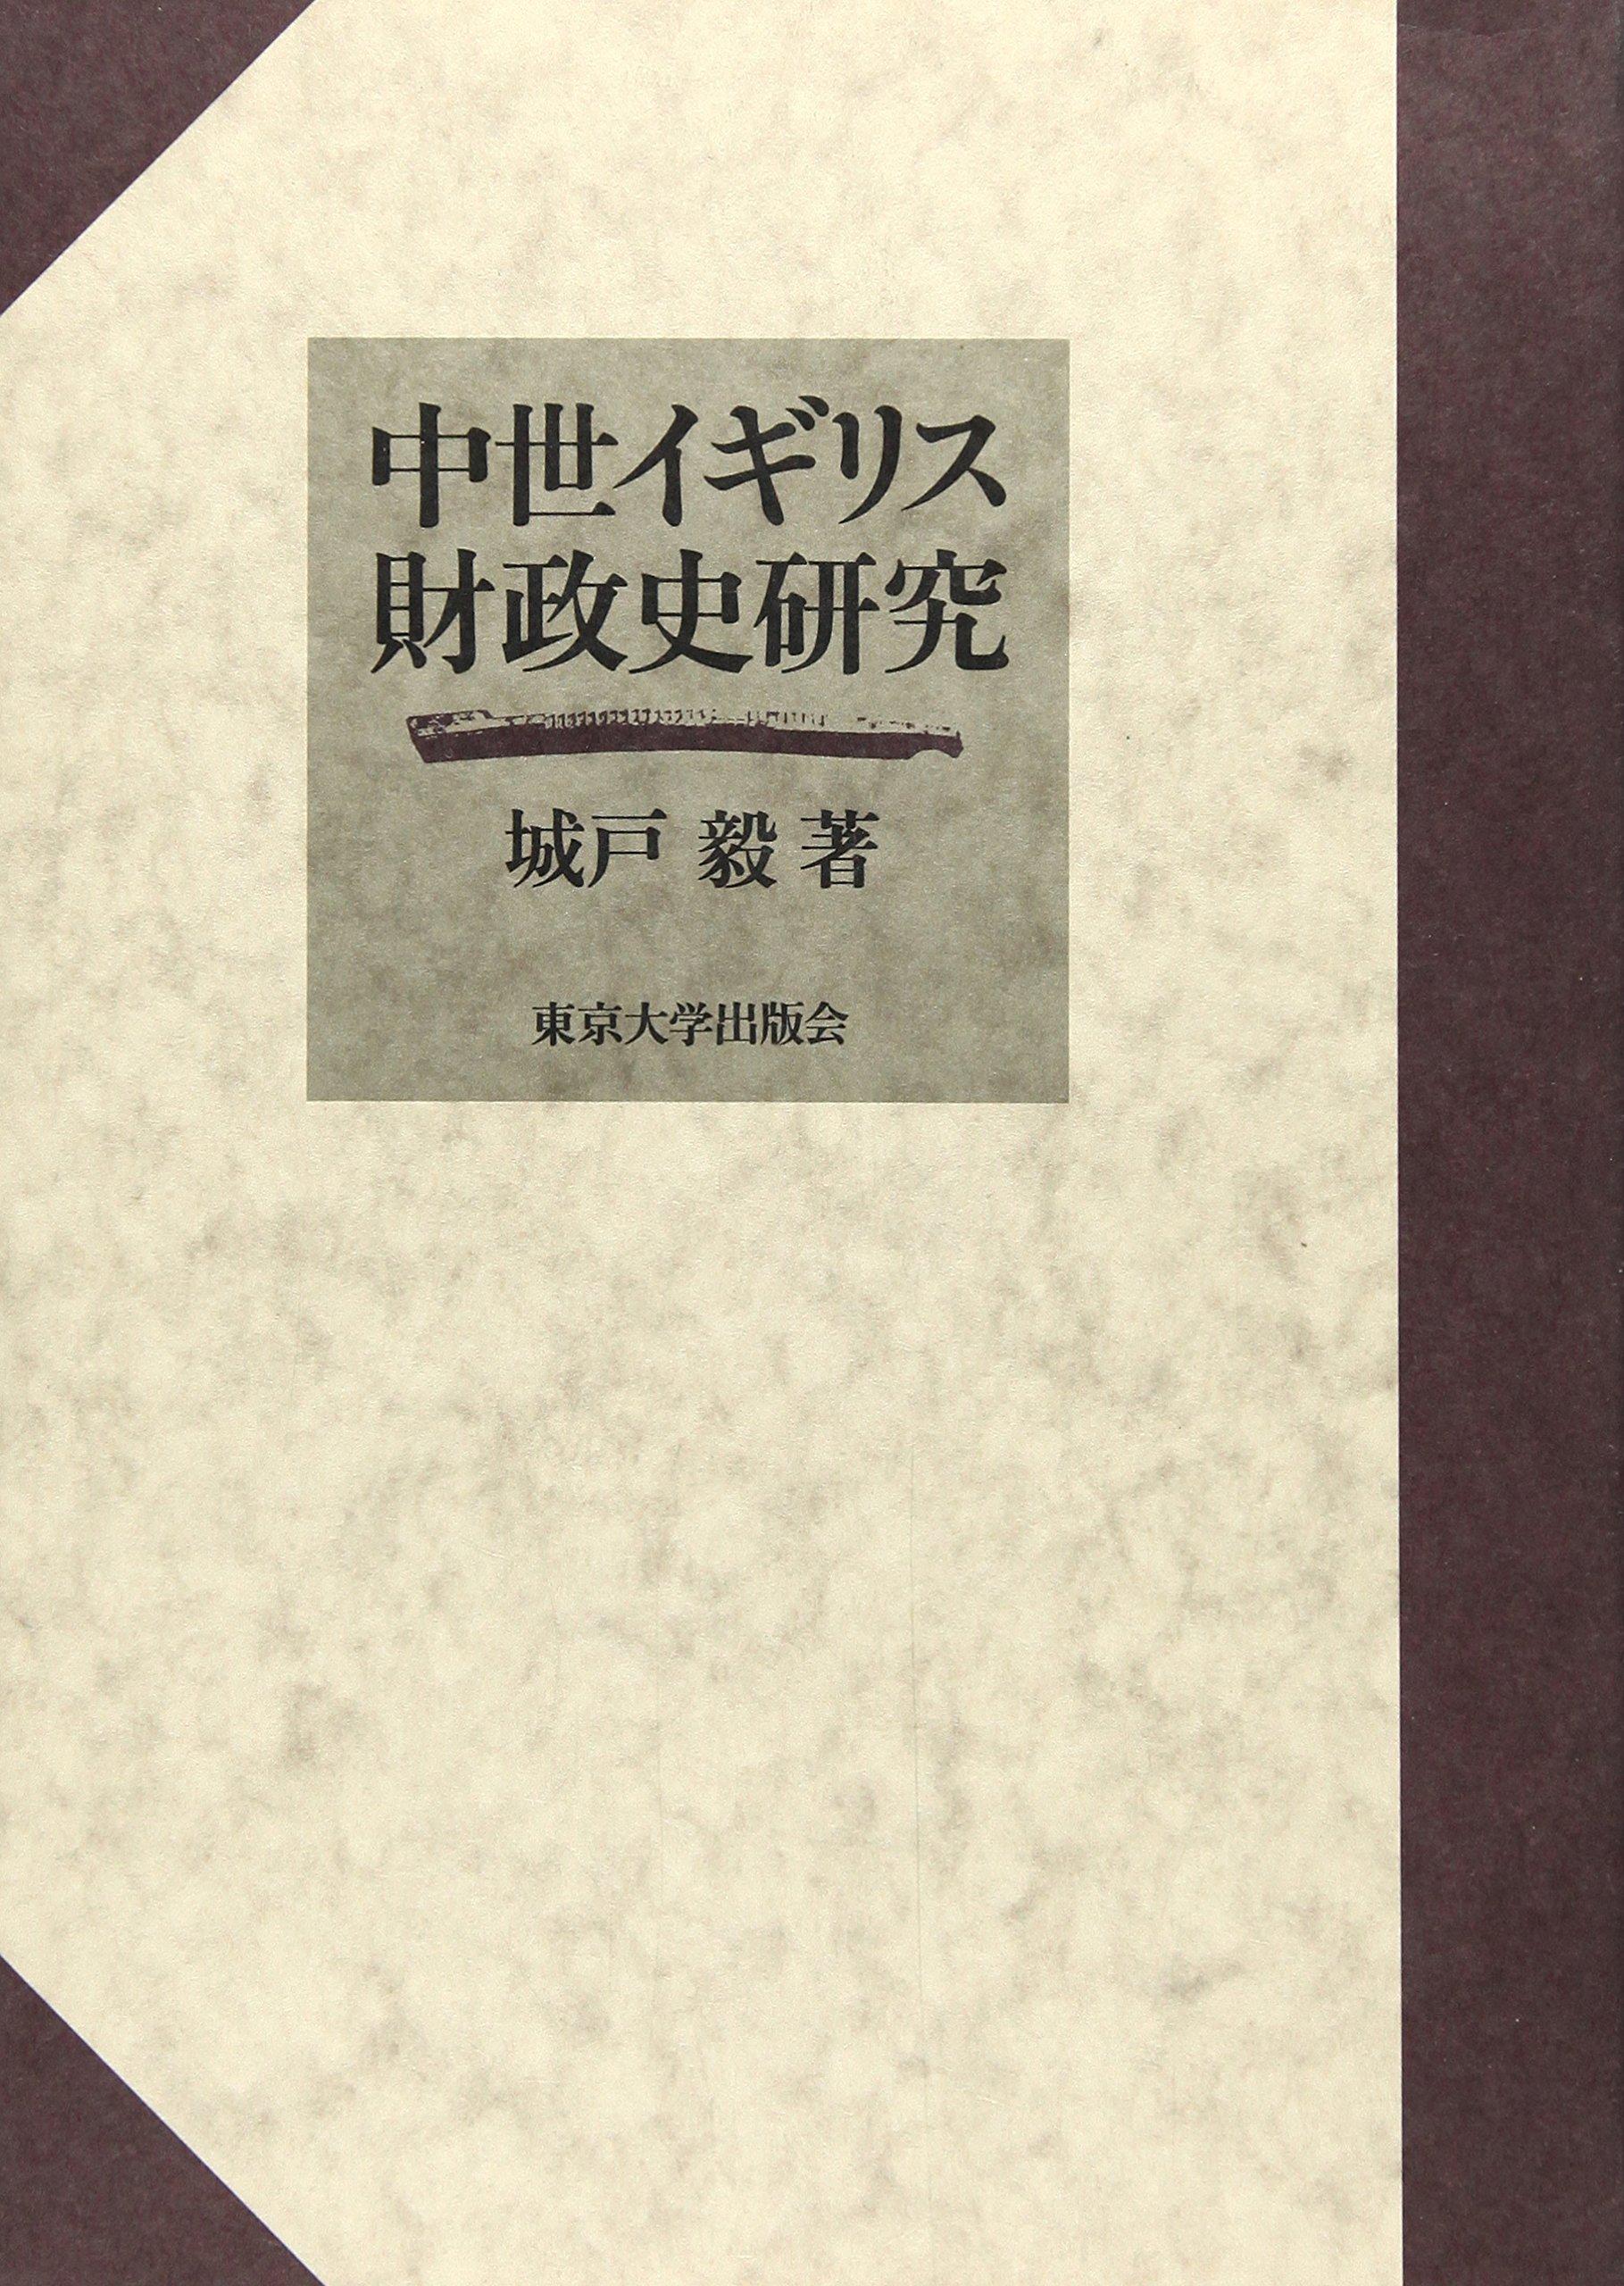 中世イギリス財政史研究 | 城戸 ...